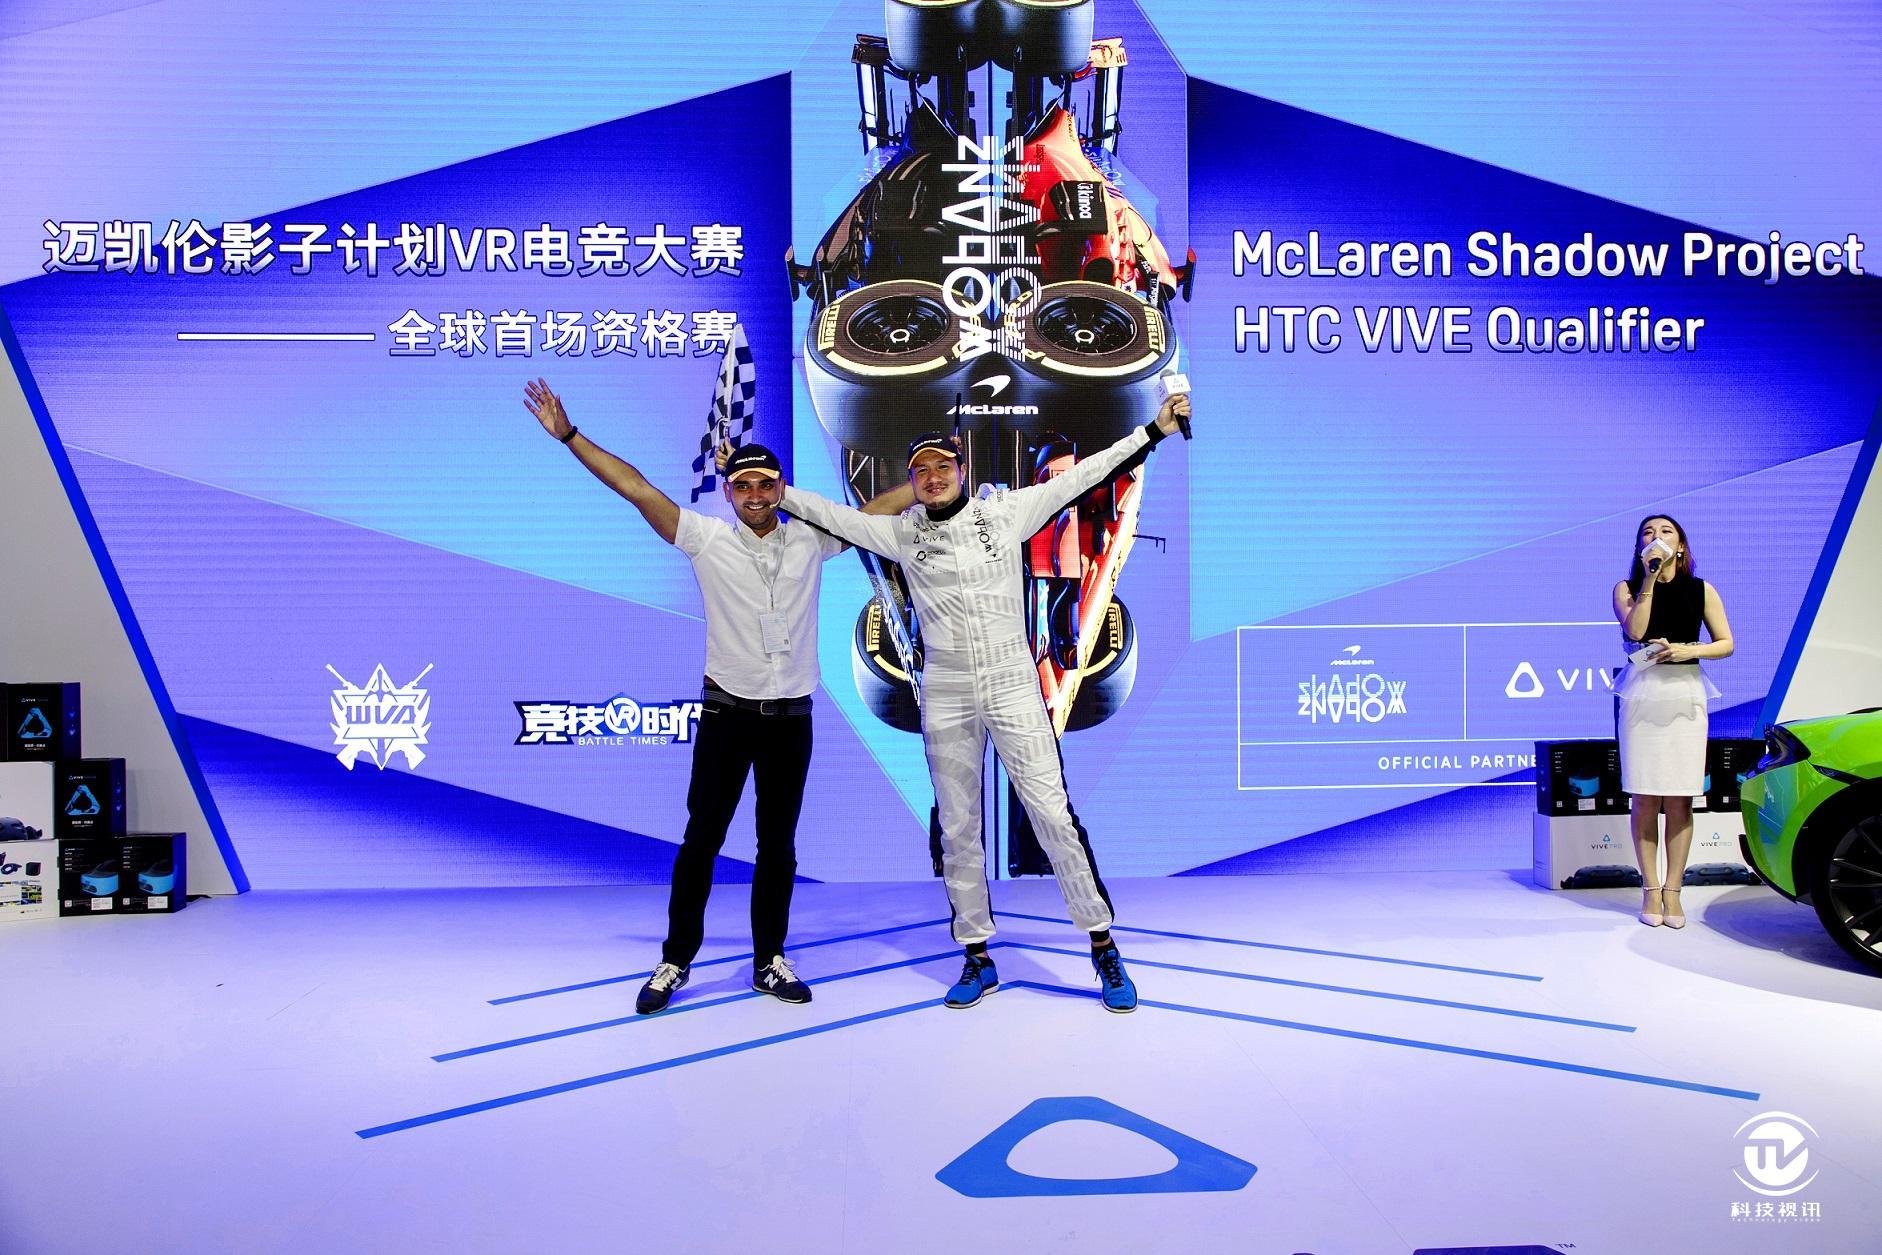 """迈凯伦F1车队高级副总裁Dharpan Randhawa(左)与HTC中国区总裁汪丛青(右)联合启动""""迈凯伦影子计划""""VR电竞大赛中国站仪式.jpg"""